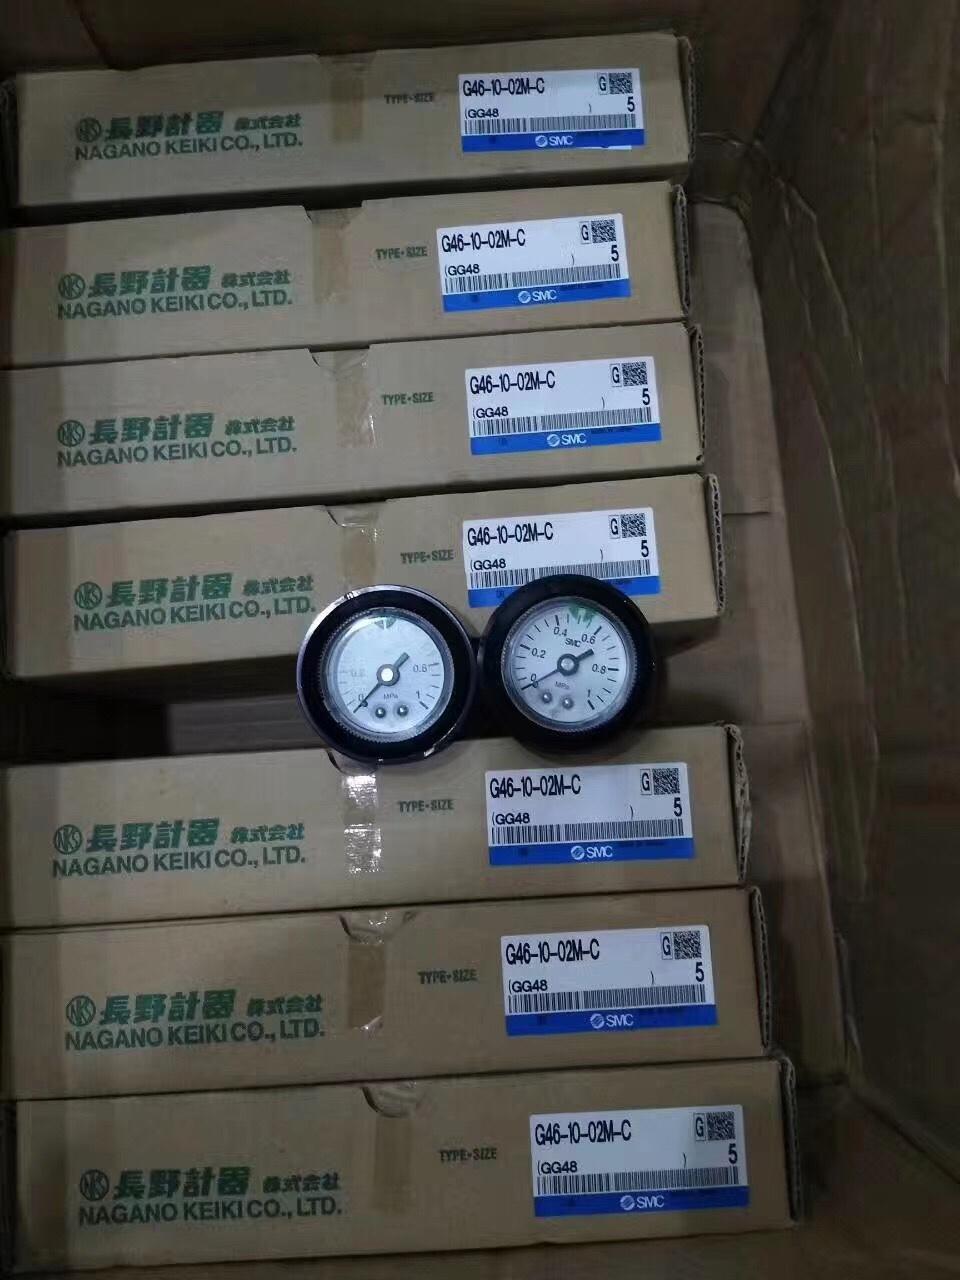 Đồng hồ SMC G46-10-02M-C